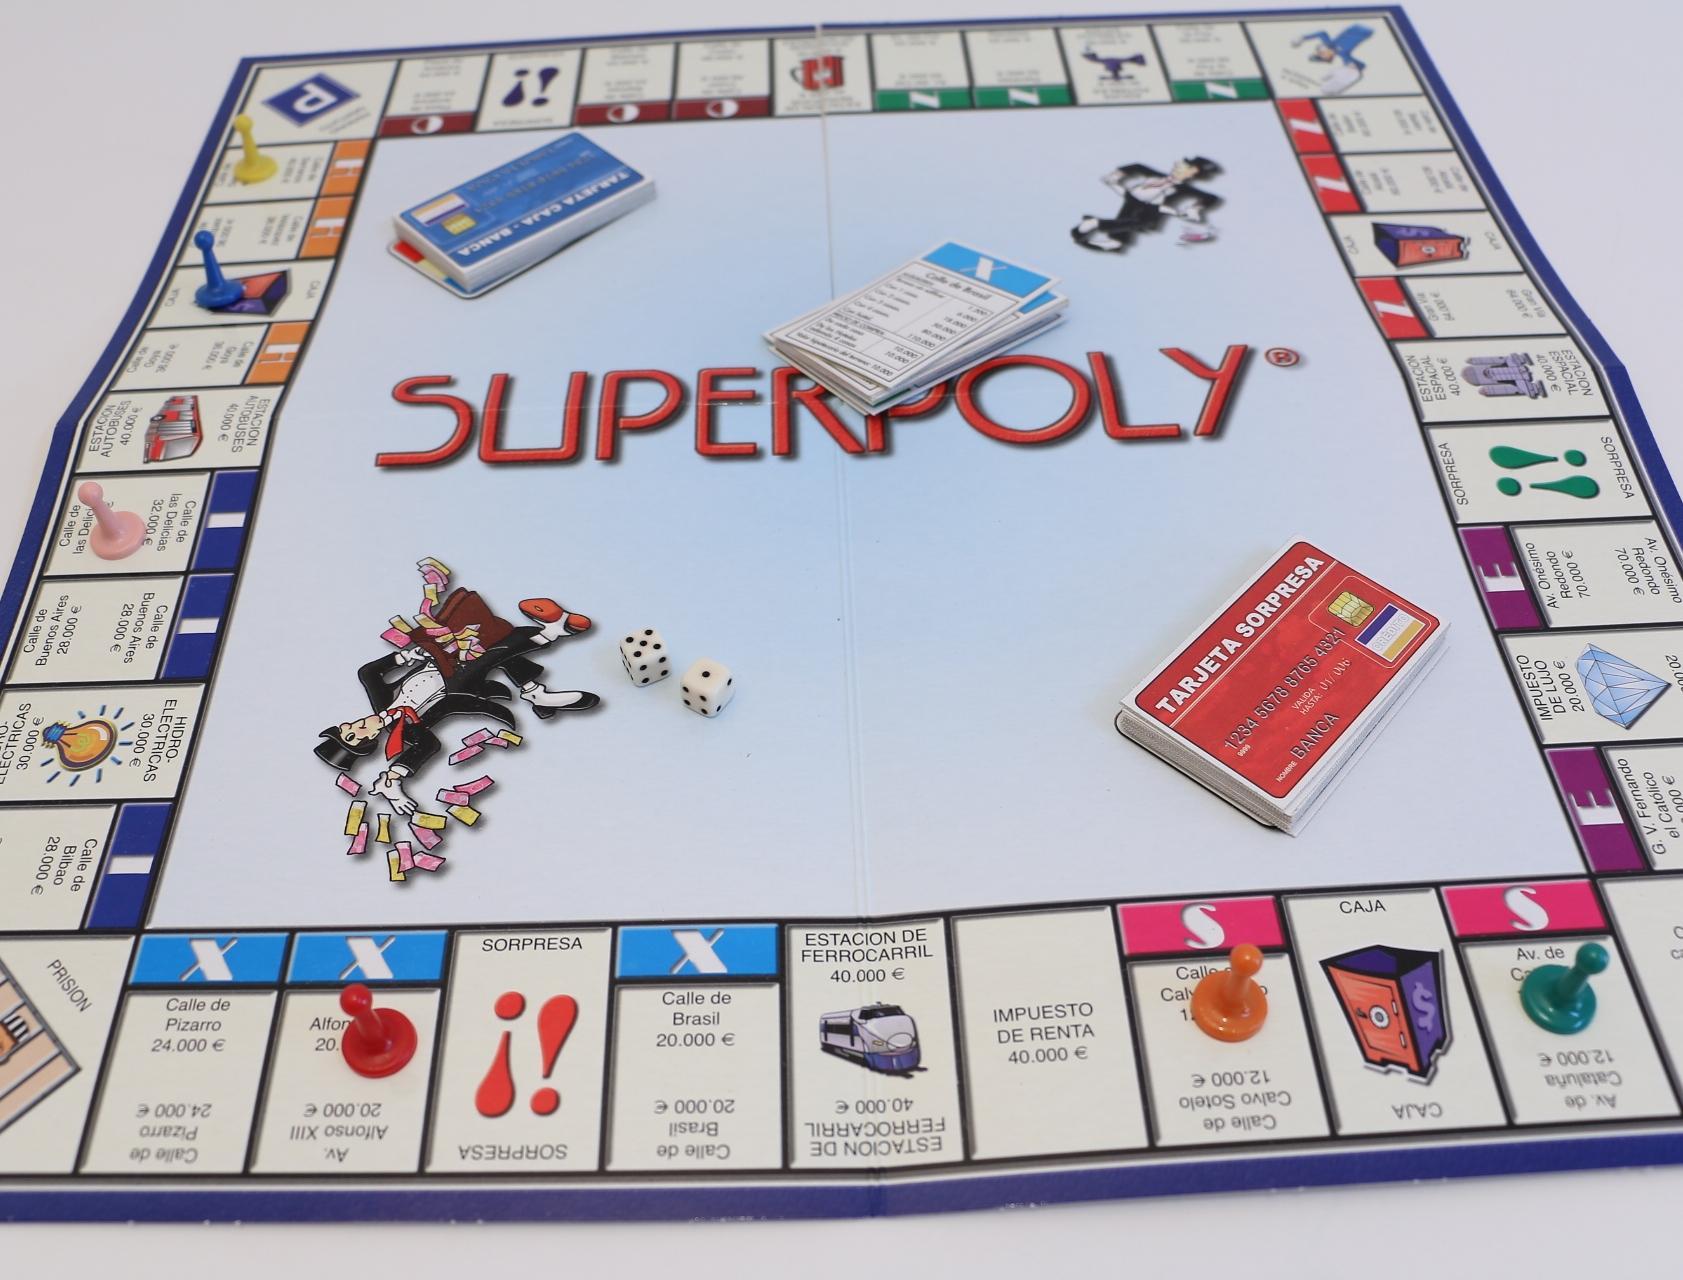 Falomir 646375 - Juego Superpoly: Amazon.es: Juguetes y juegos